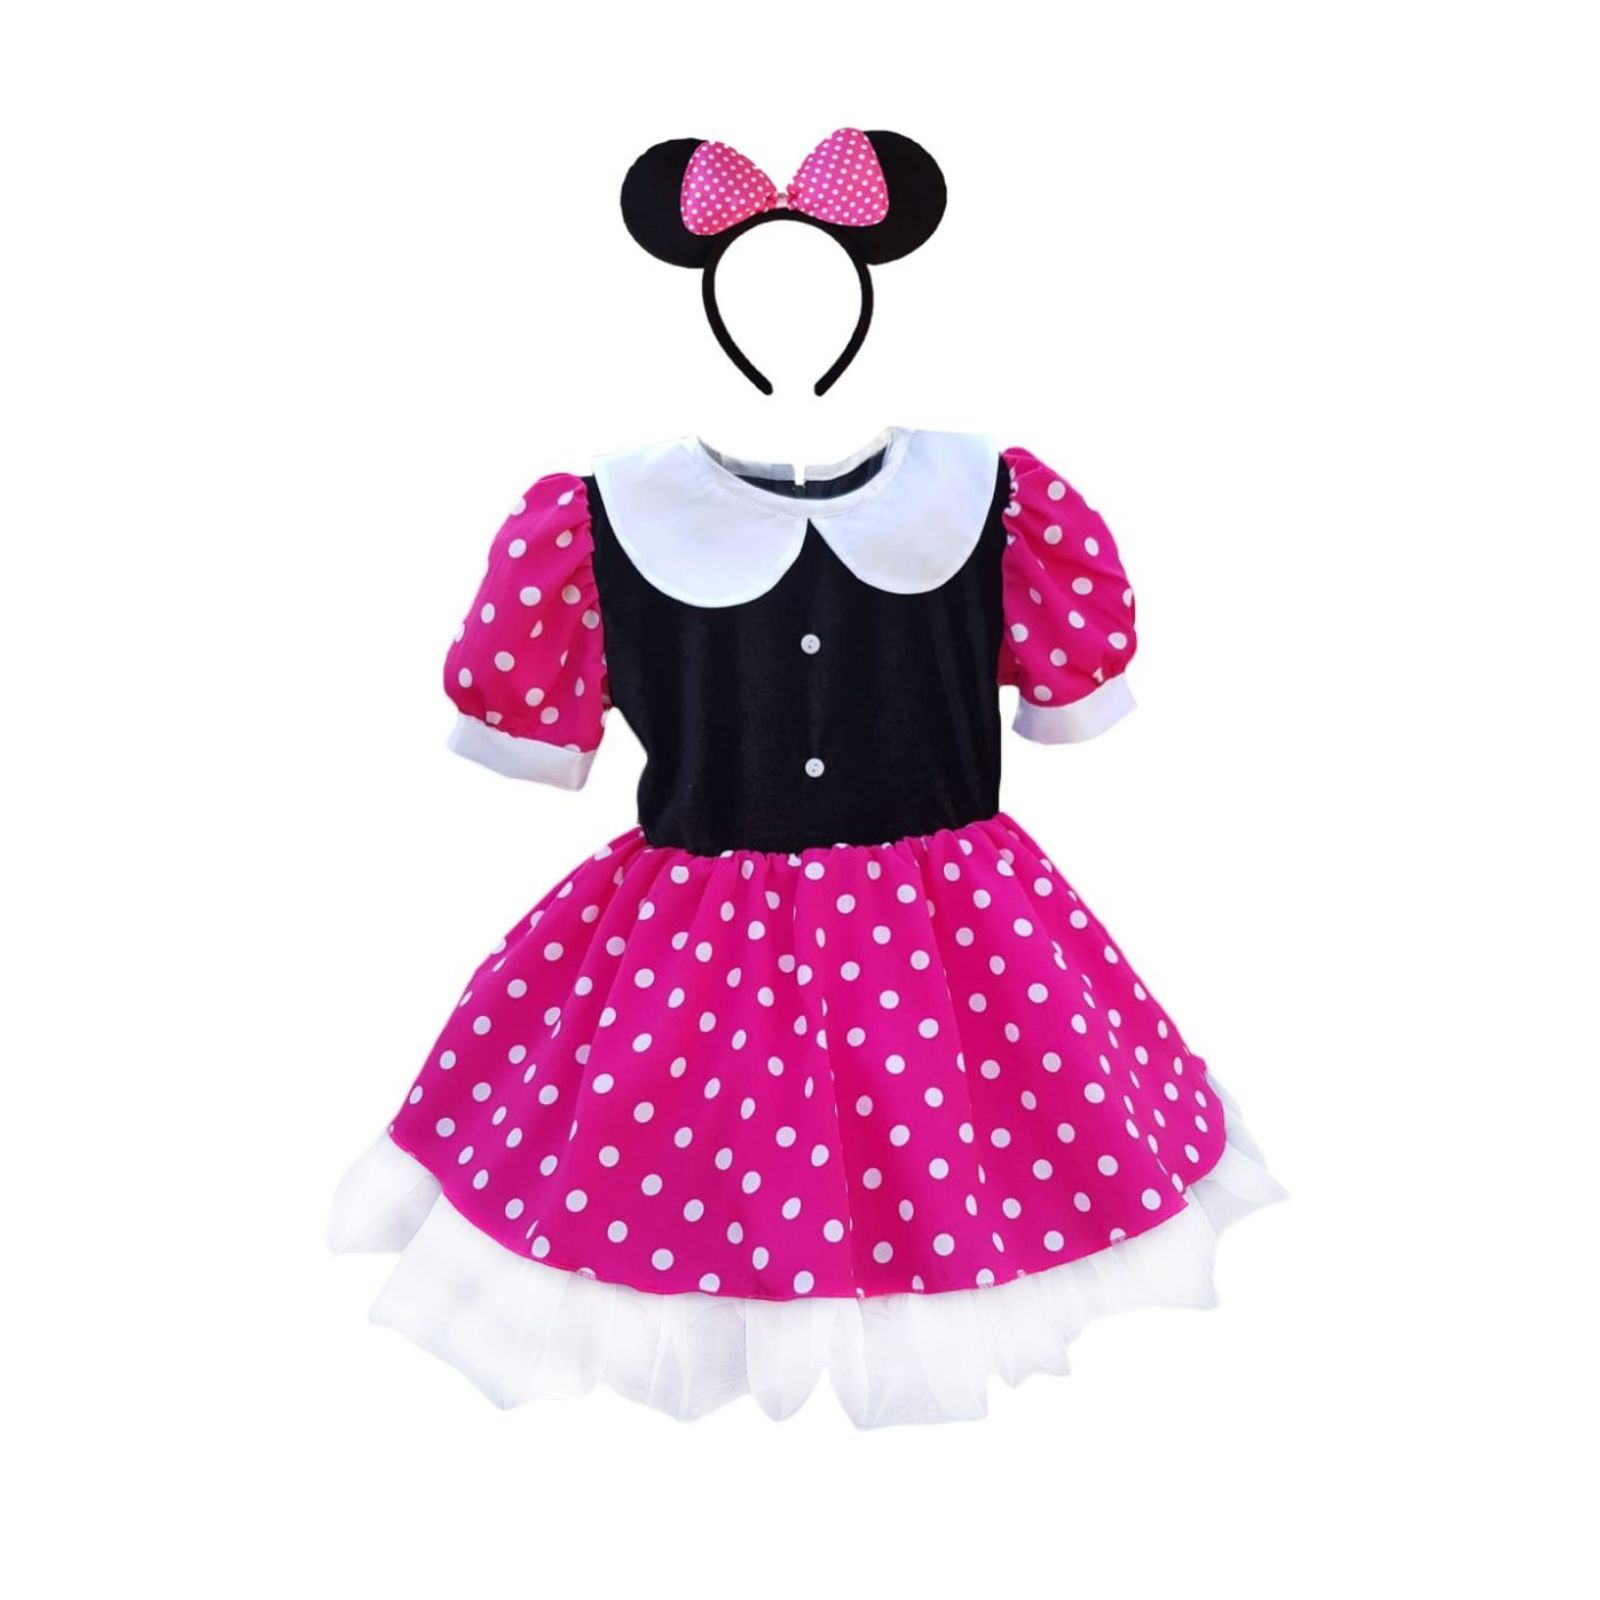 Rochita Minnie Mouse roz 1